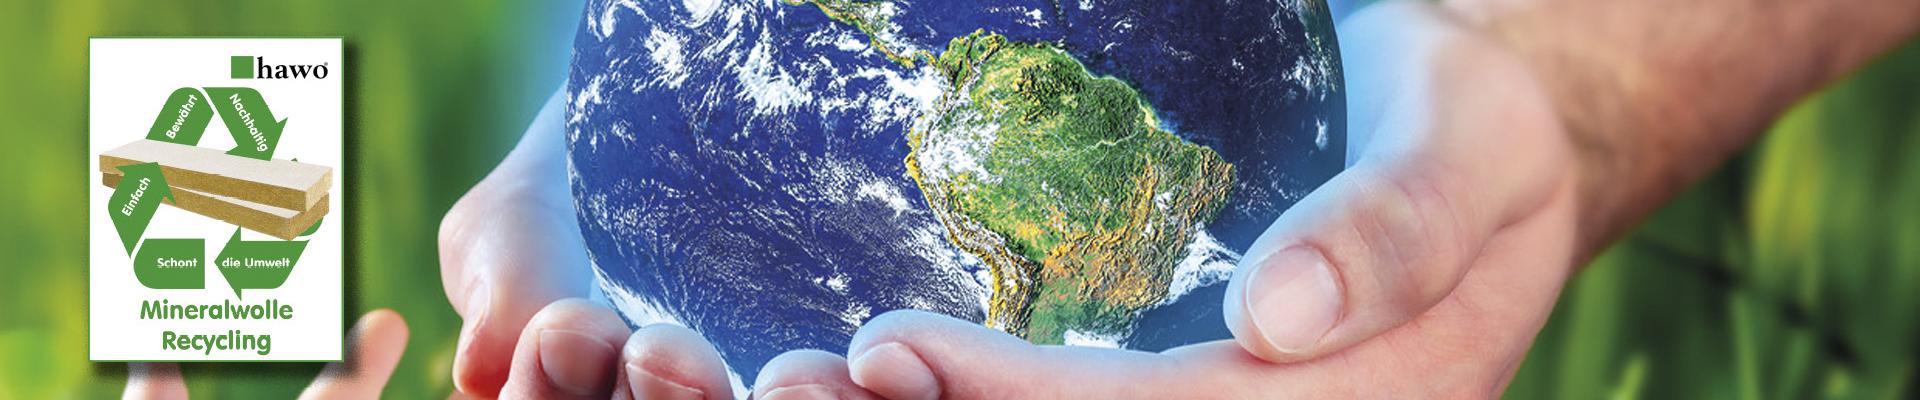 Mineralwolle Recycling – Einfach und nachhaltig, schont die Umwelt